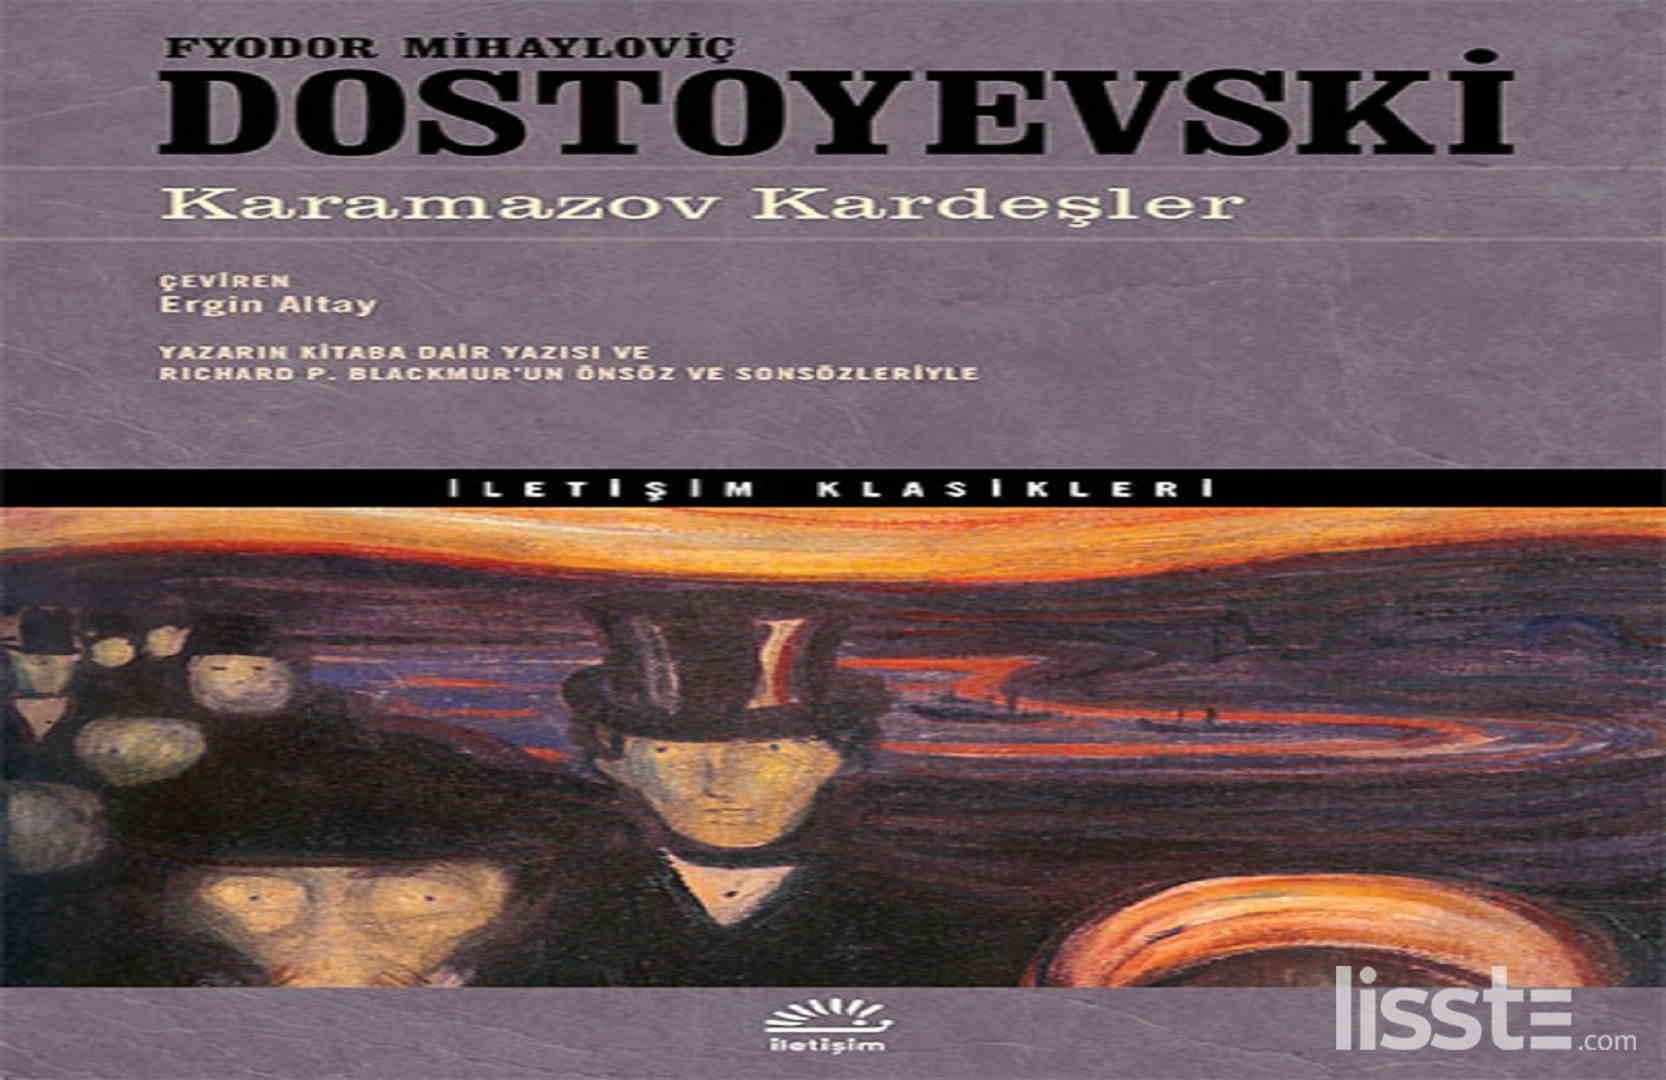 karamazov-kardesler-1567336111.jpg